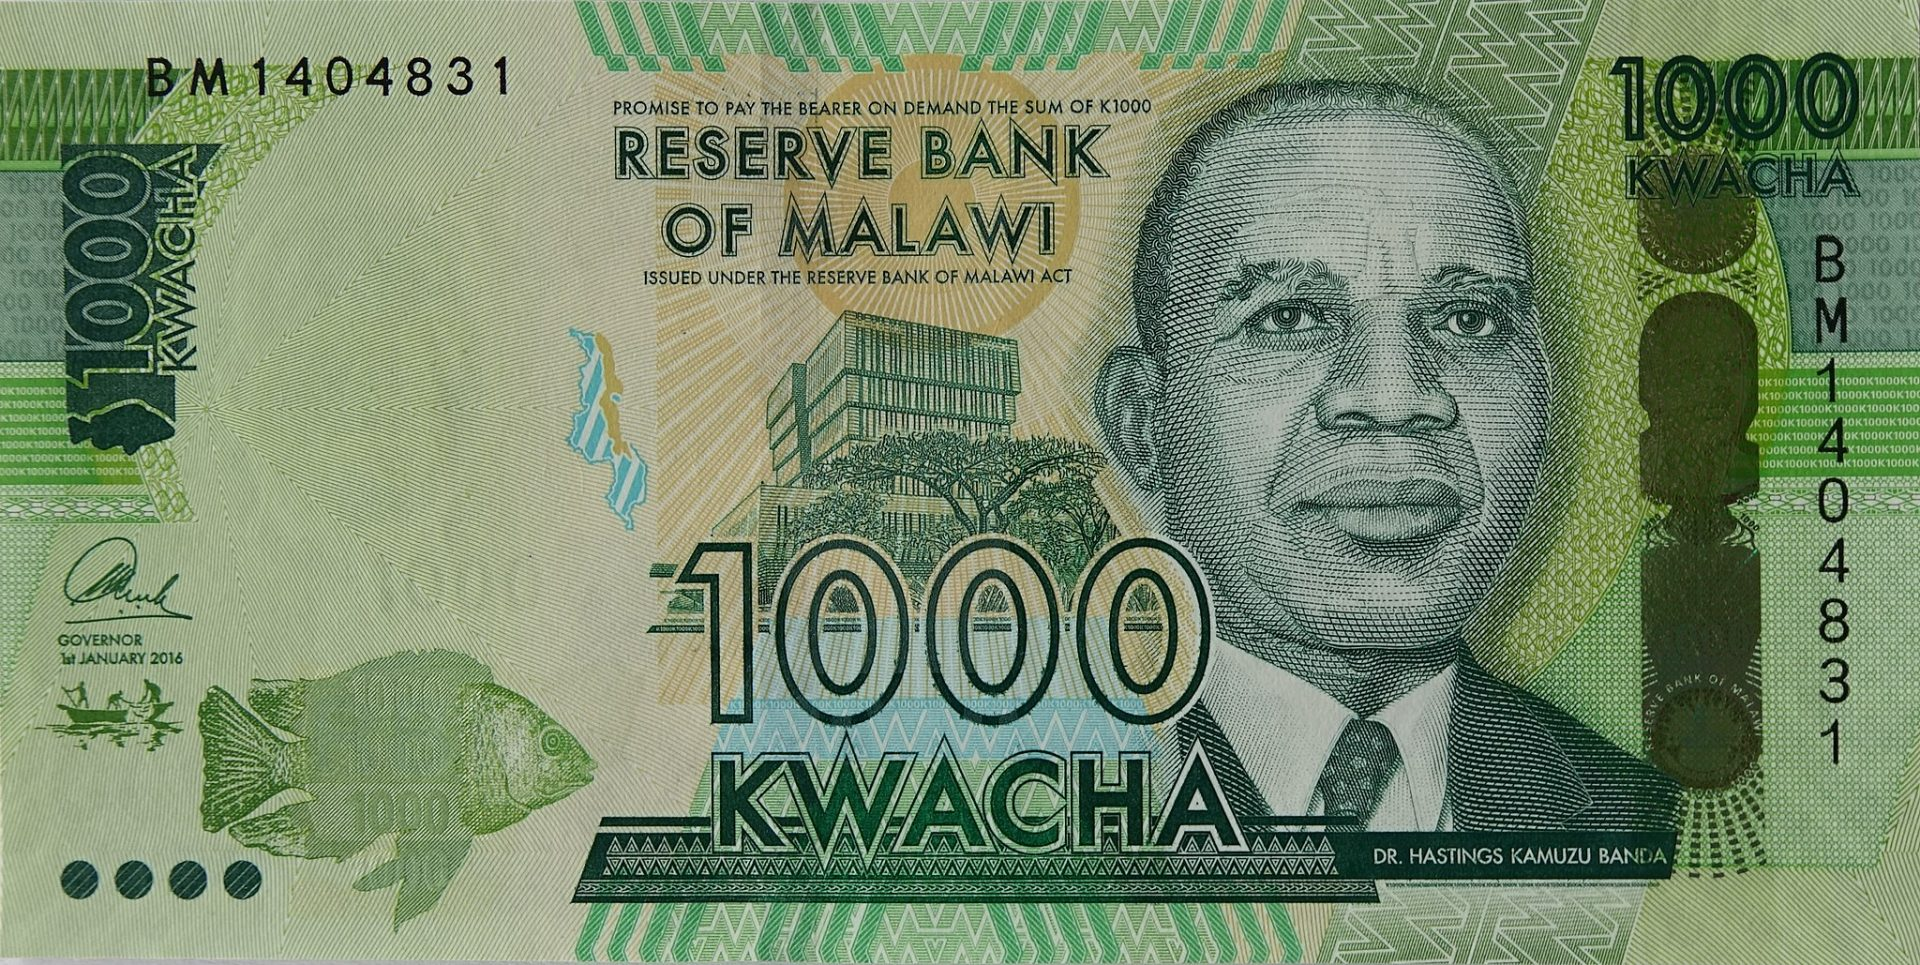 La moneda de Malawi tiene menos valor a escala internacional porque carece del notable aval tributario que movilizan los países industrializados para respaldar sus monedas.